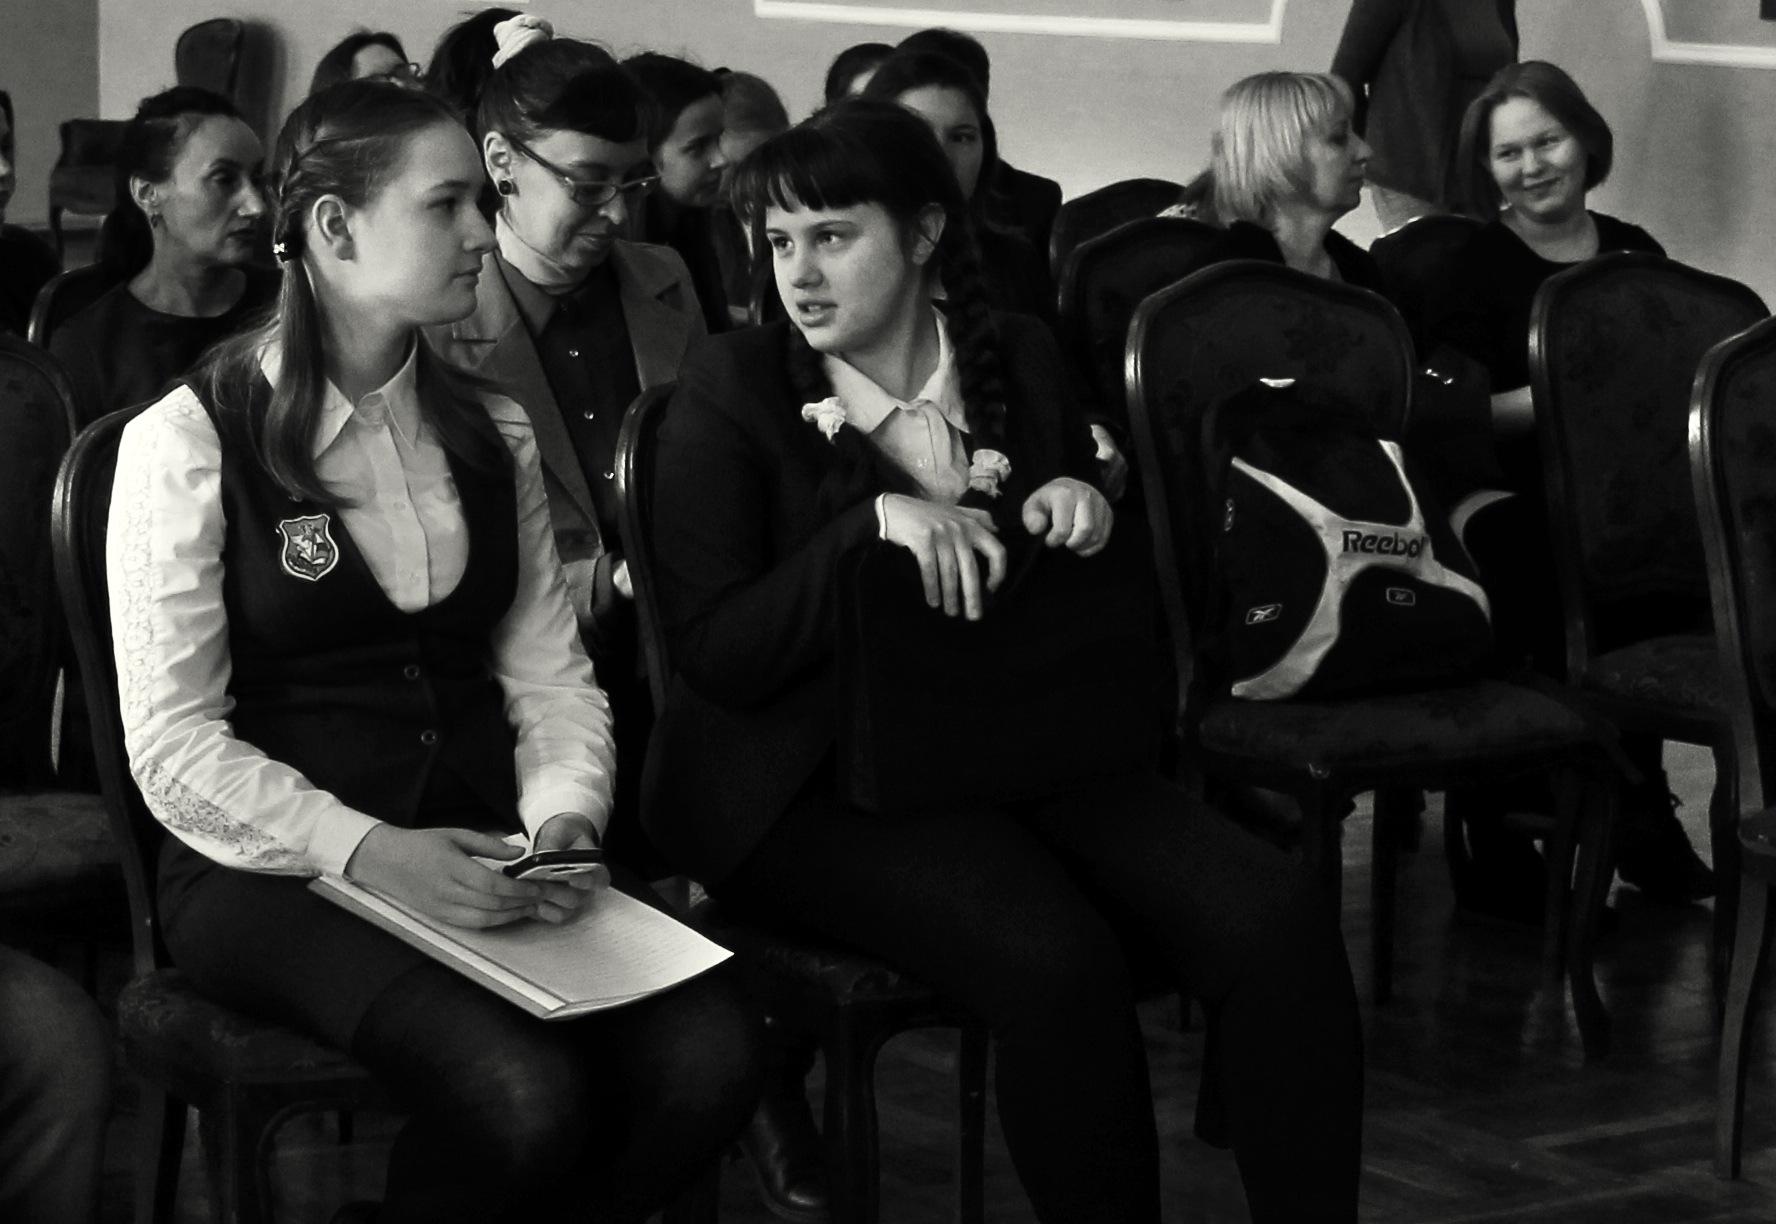 Schoolgirls by Сергей Юрьев